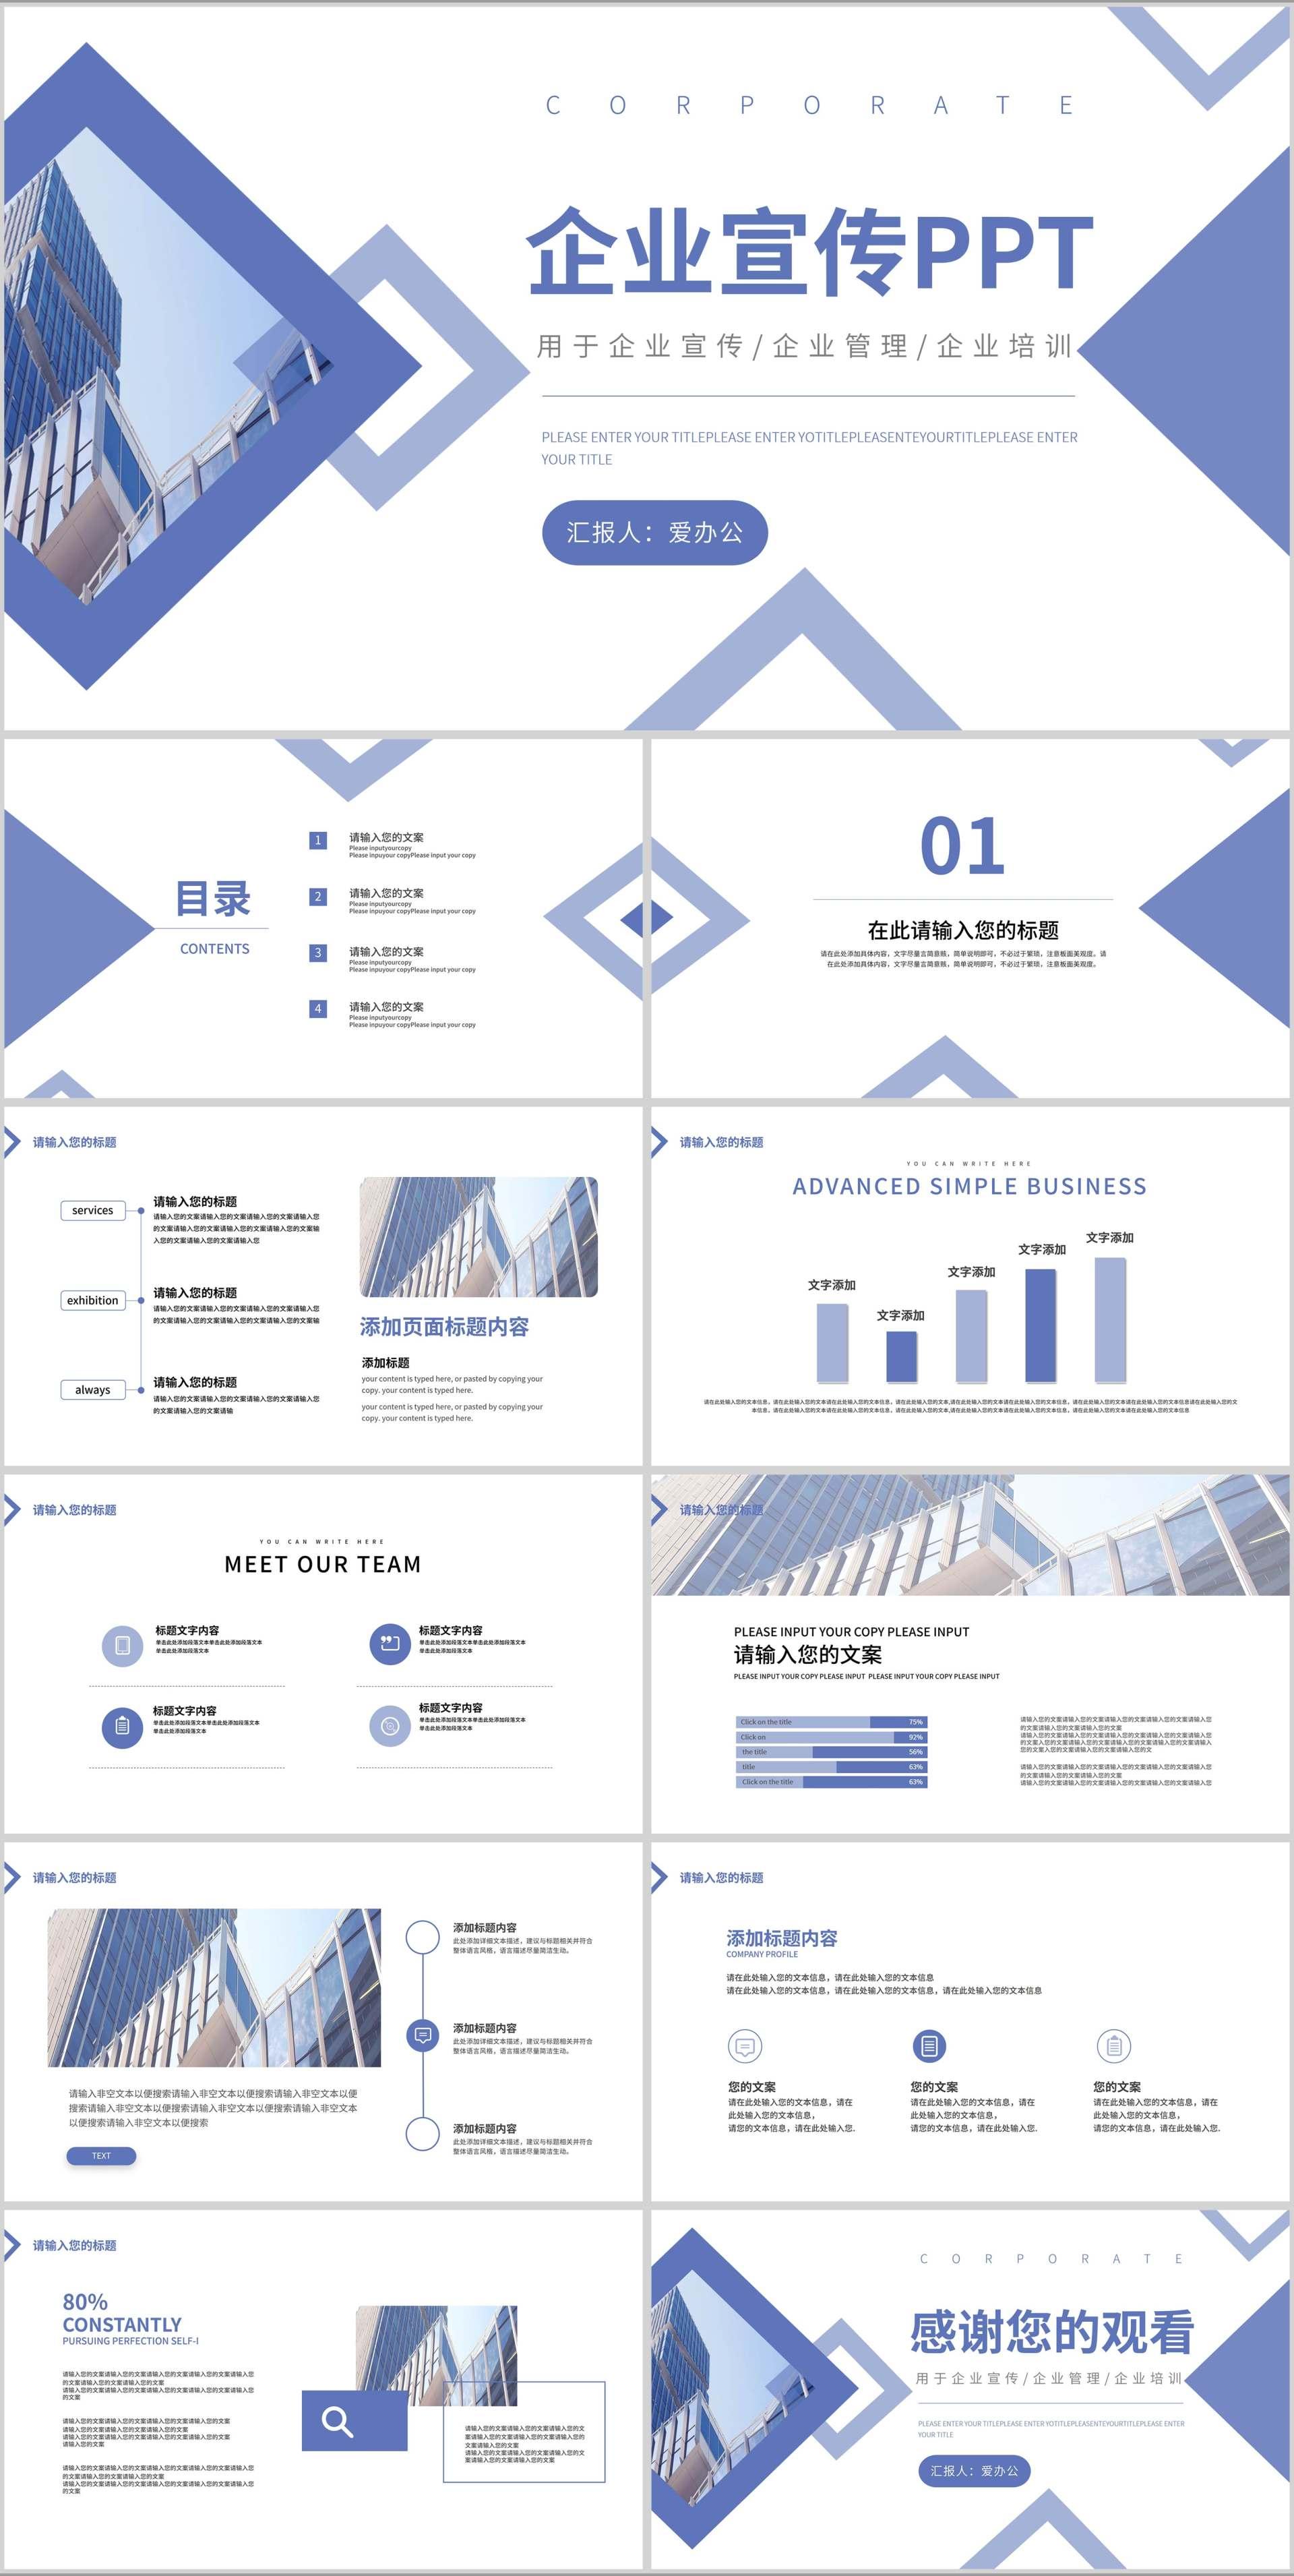 紫色几何商务风企业宣传PPT模板